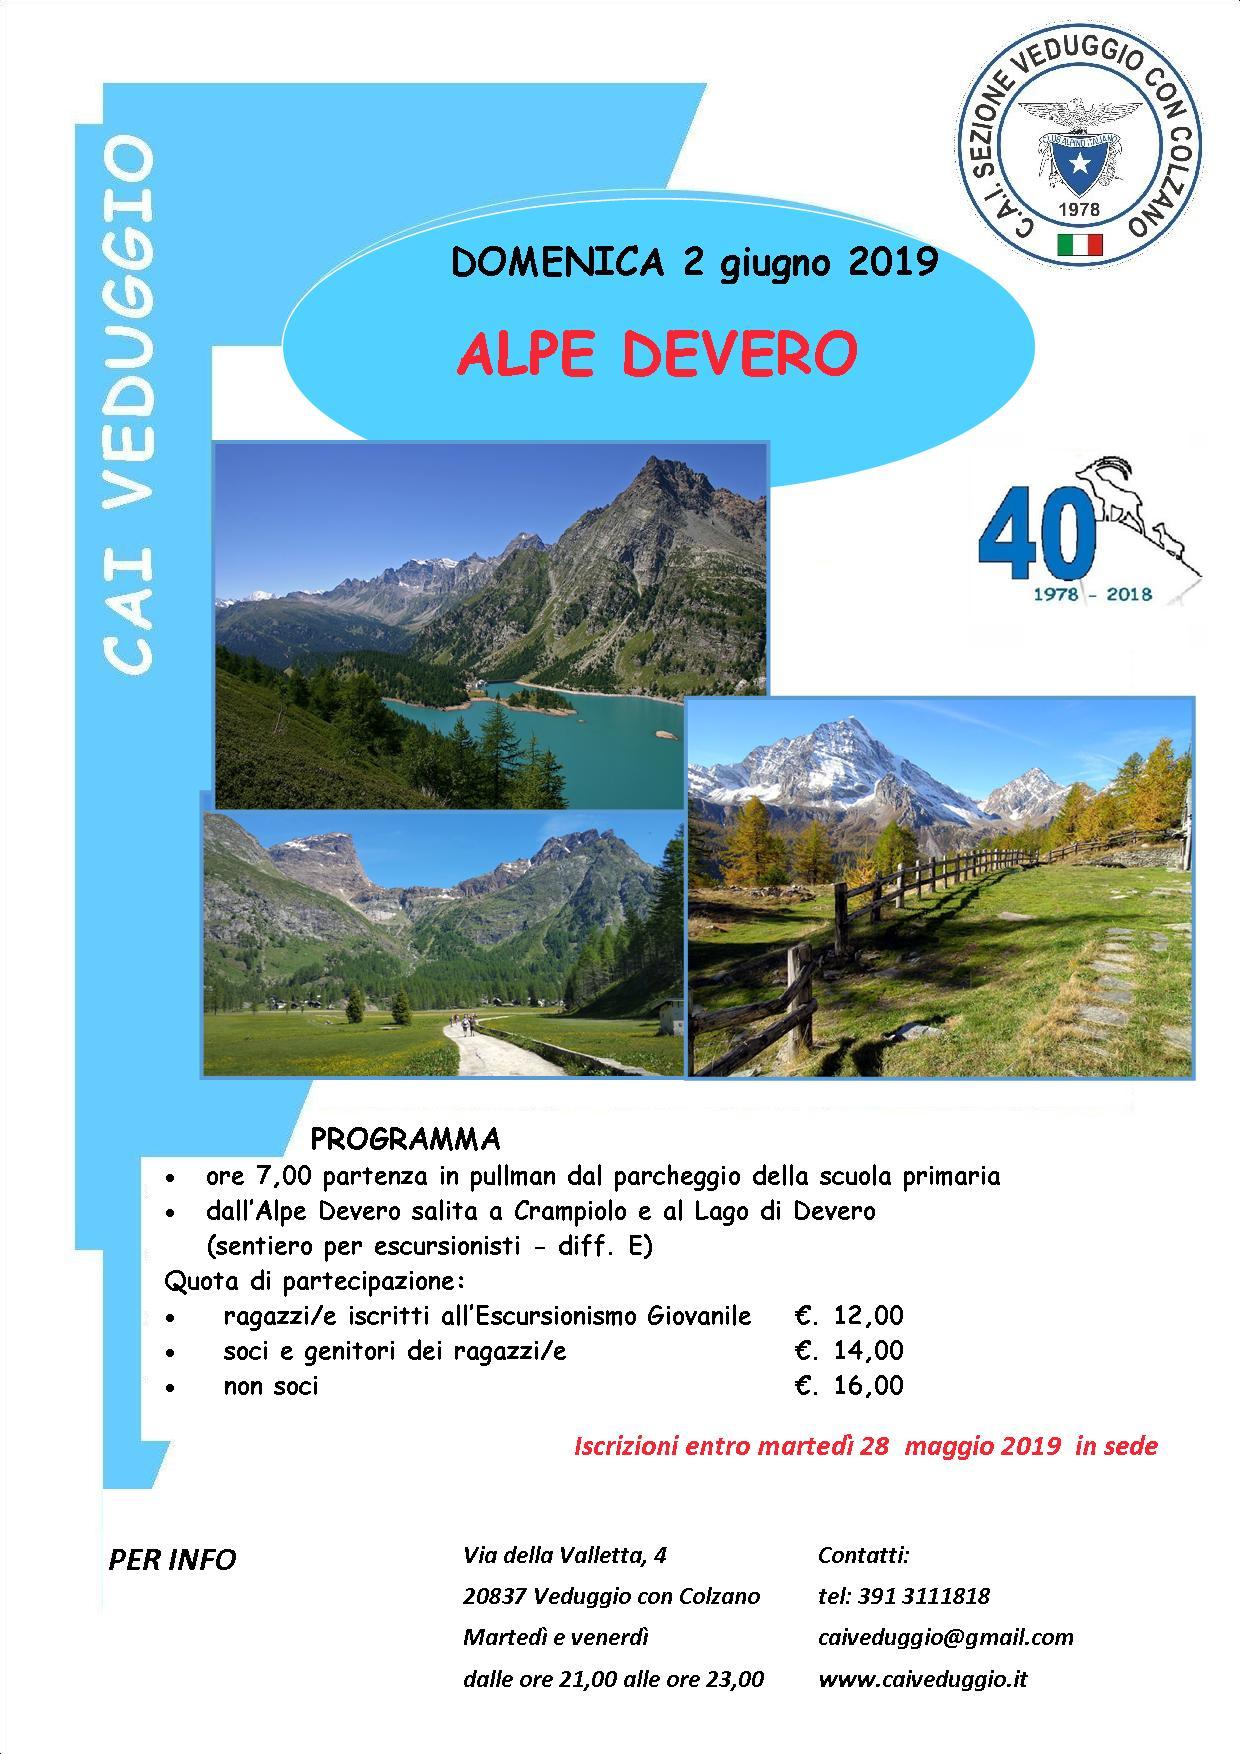 Domenica 2 giugno 2019 – Alpe Devero